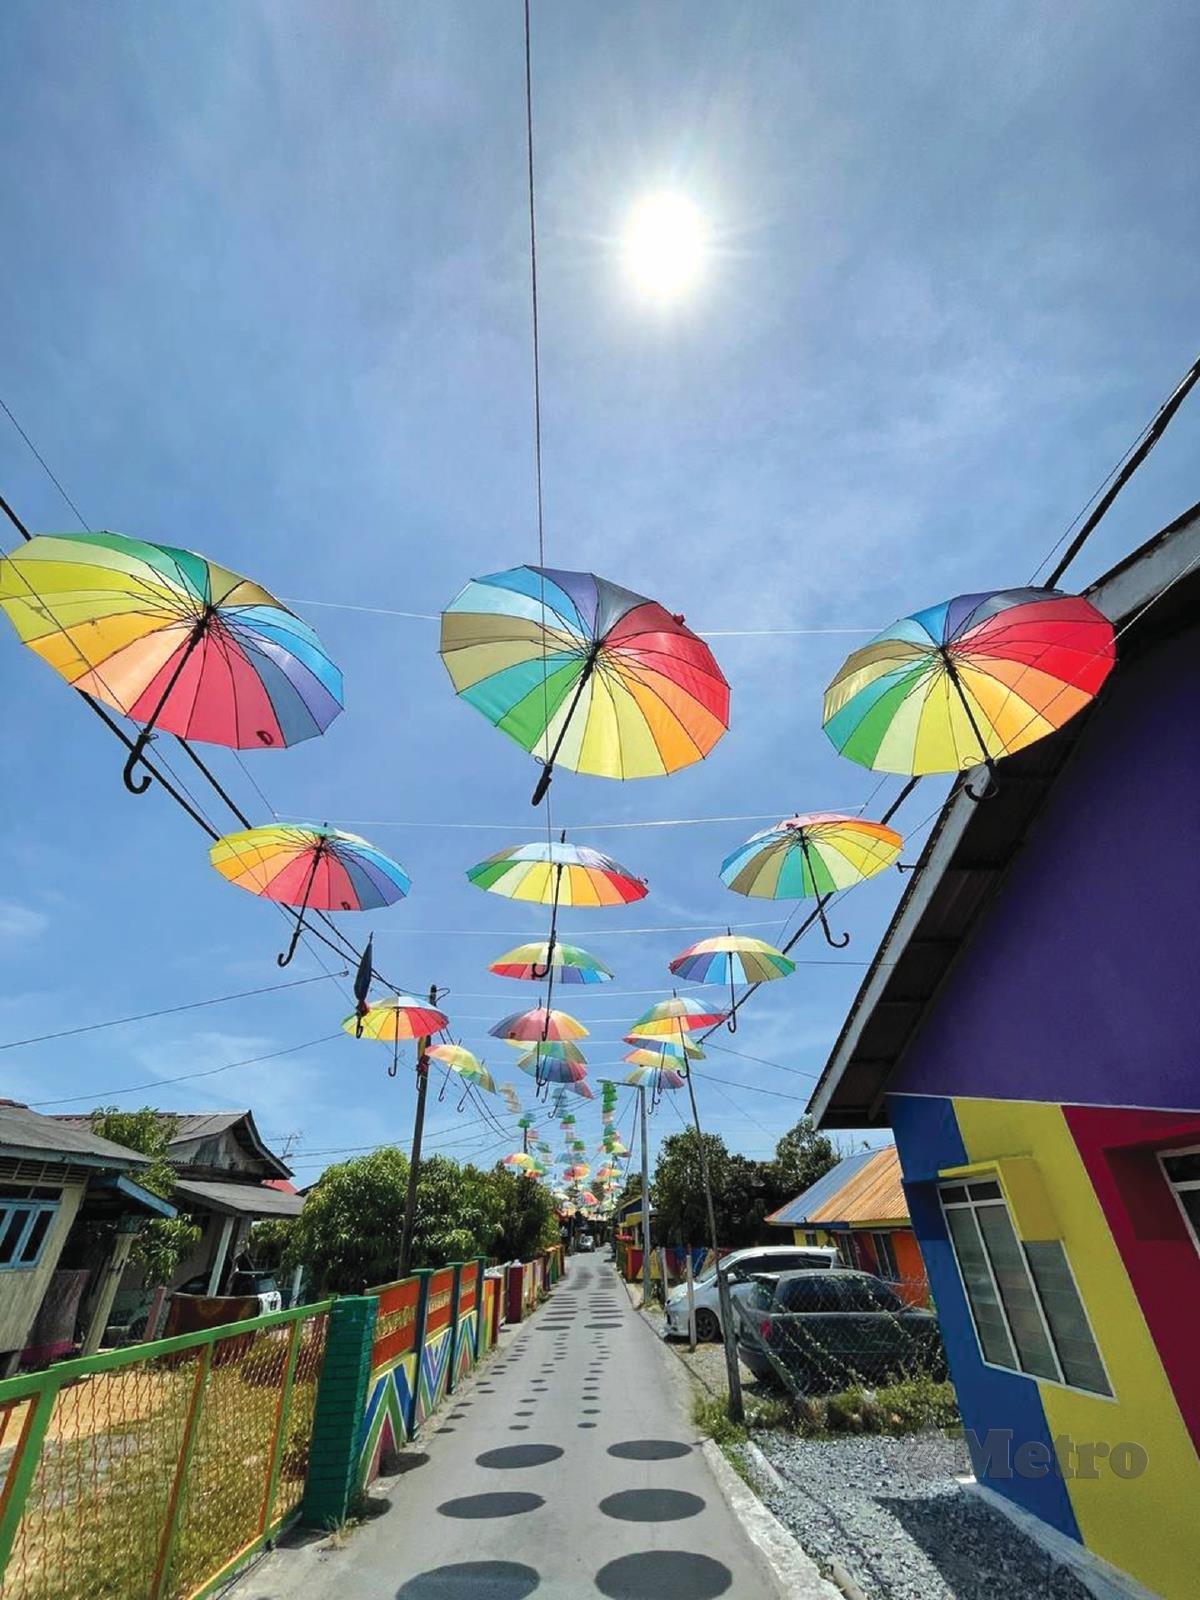 KAMPUNG Hujung Tanjung, Kuala Perlis yang berwarna-warni.